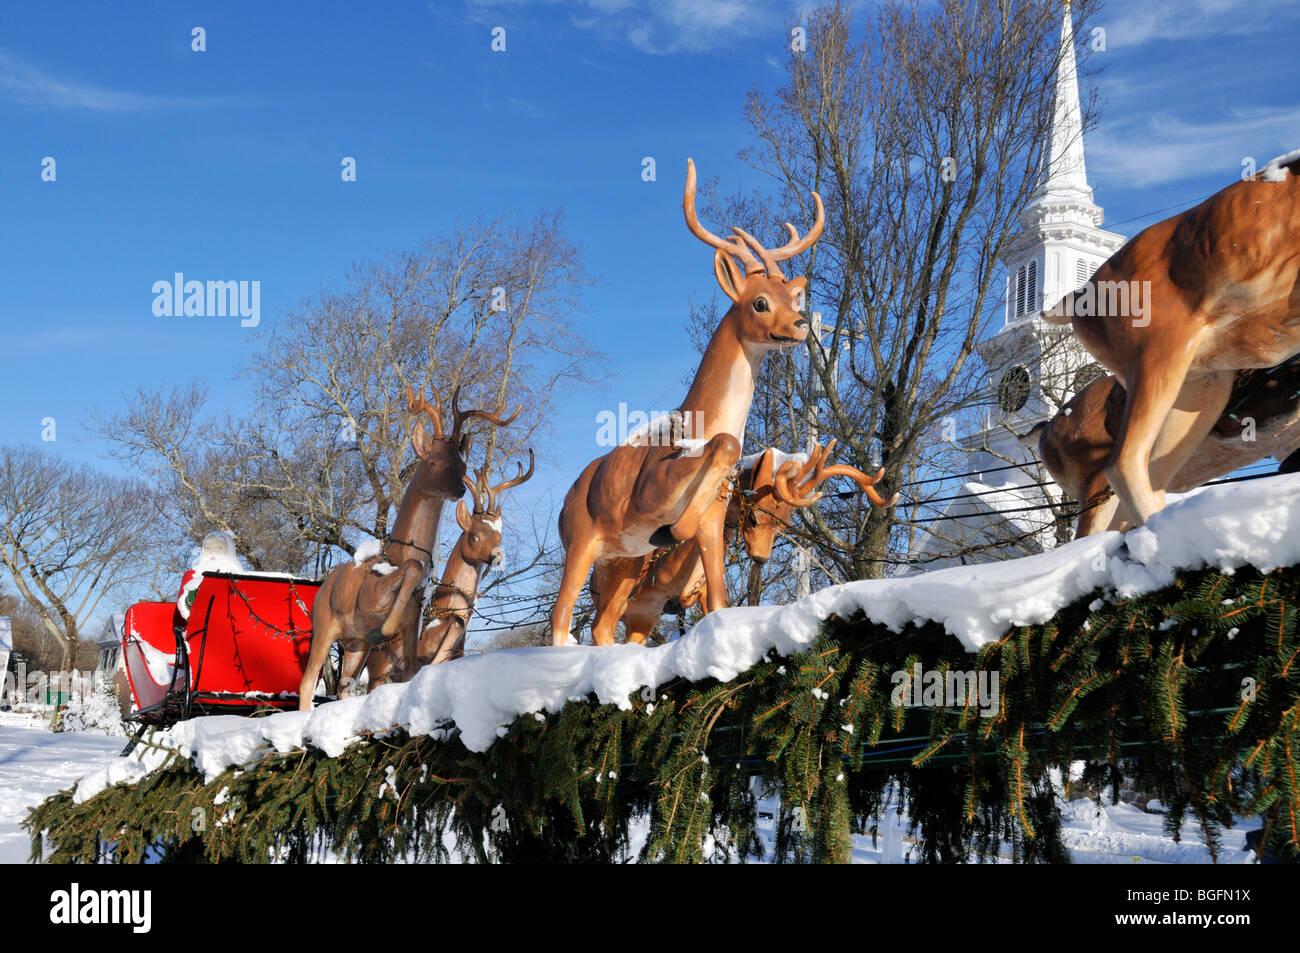 Le traîneau du Père Noël et des rennes à Noël avec la neige et le clocher de l'église et ciel bleu Banque D'Images